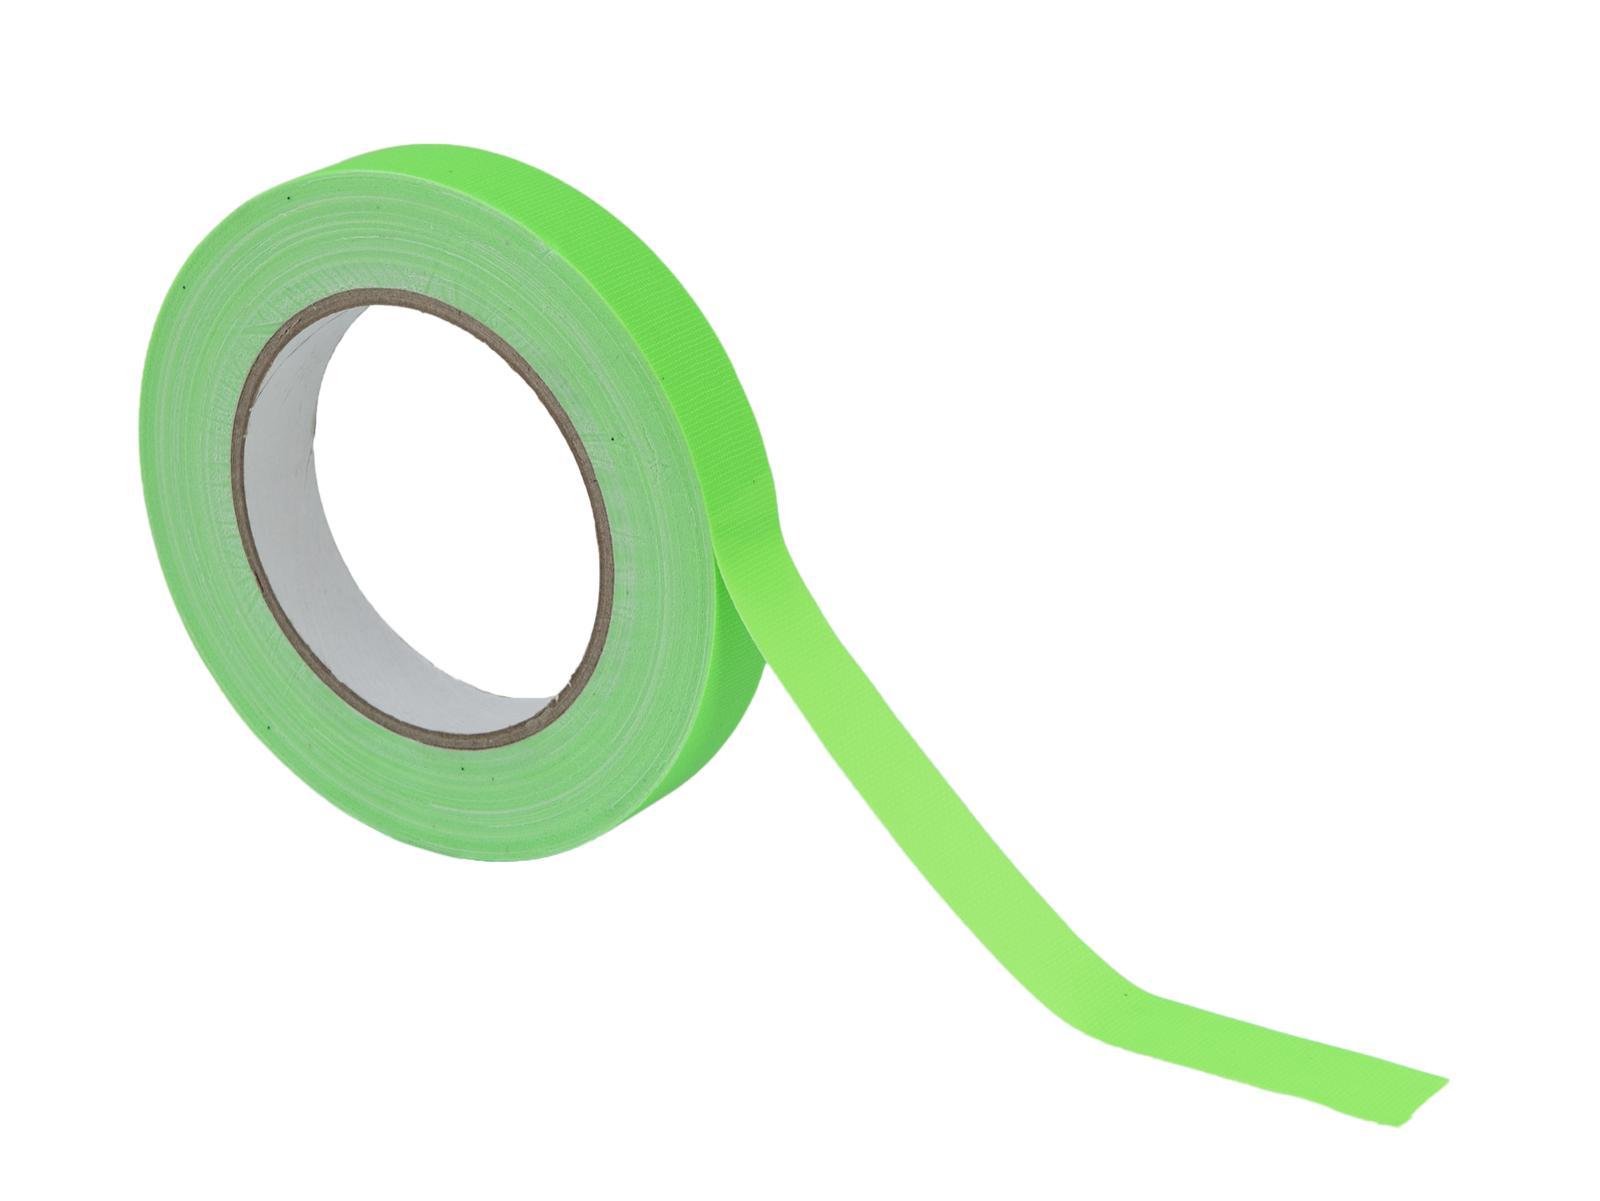 Gaffa páska 19mm x 25m neonově zelená, UV aktivní